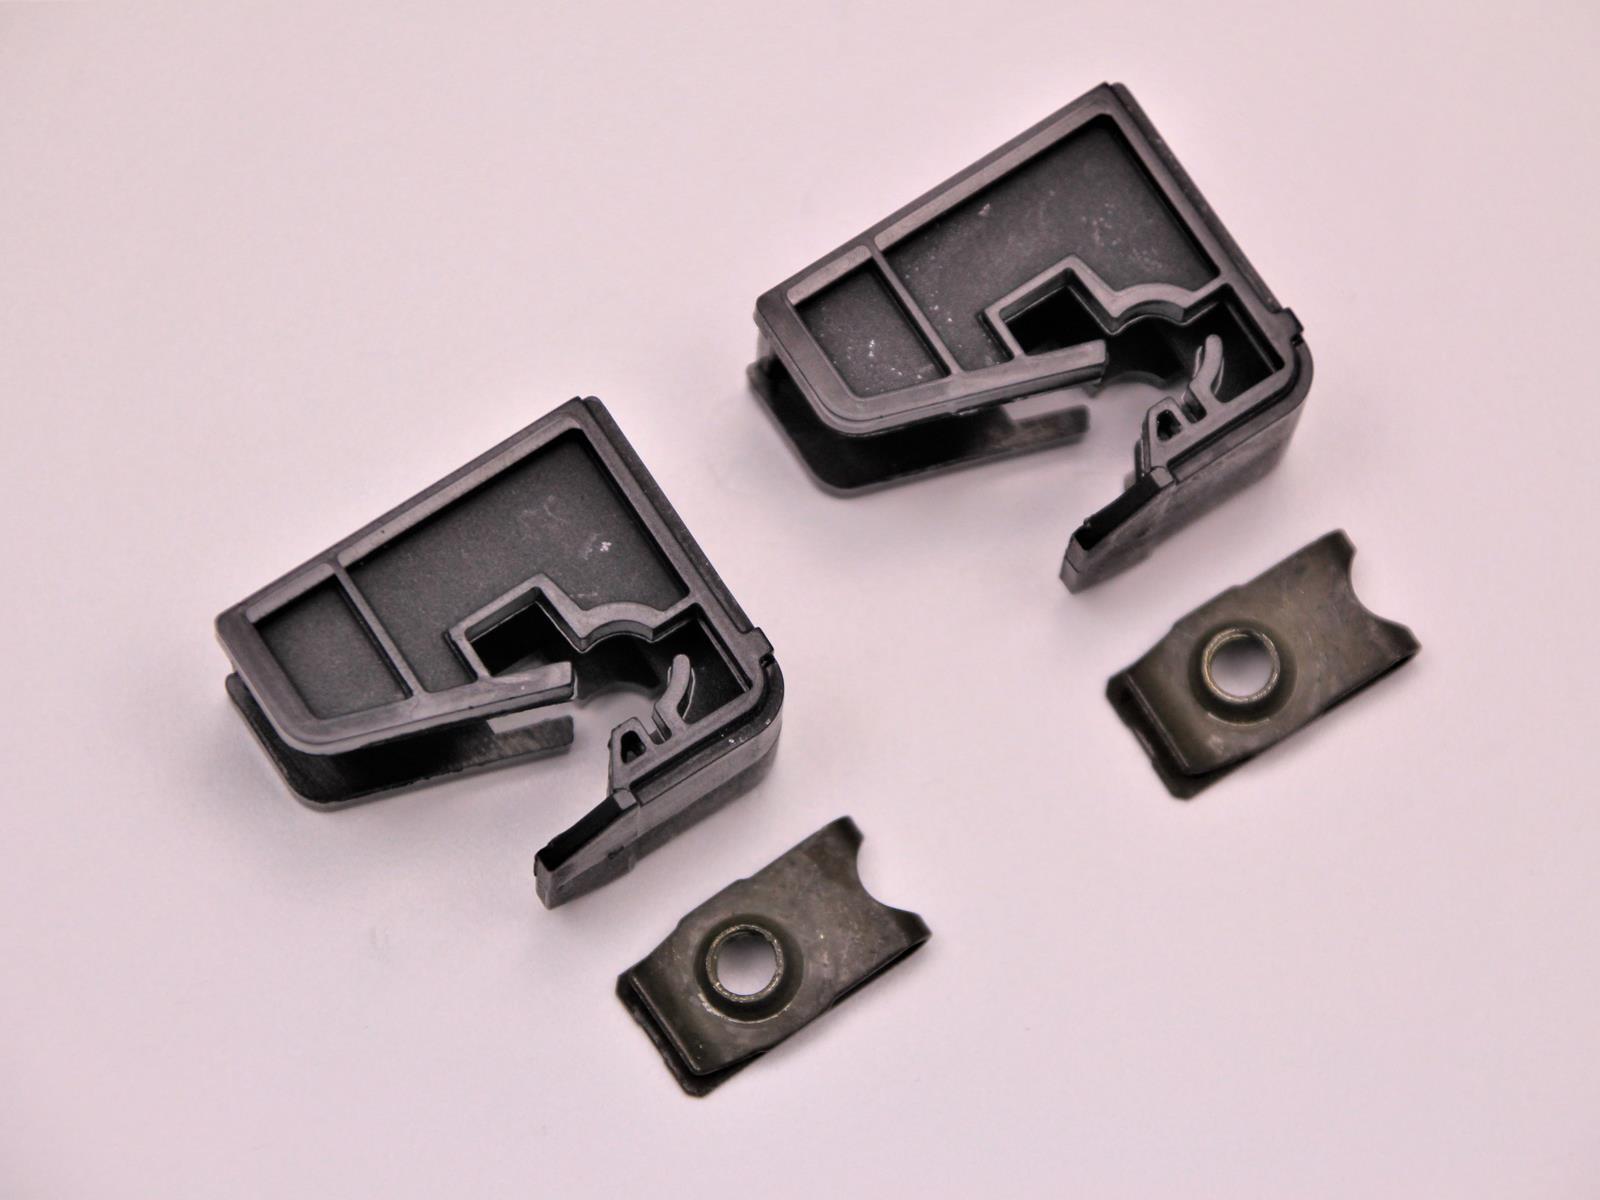 2x Halter Scheinwerfer Halterung Clip Klammer für VW POLO R6 2009